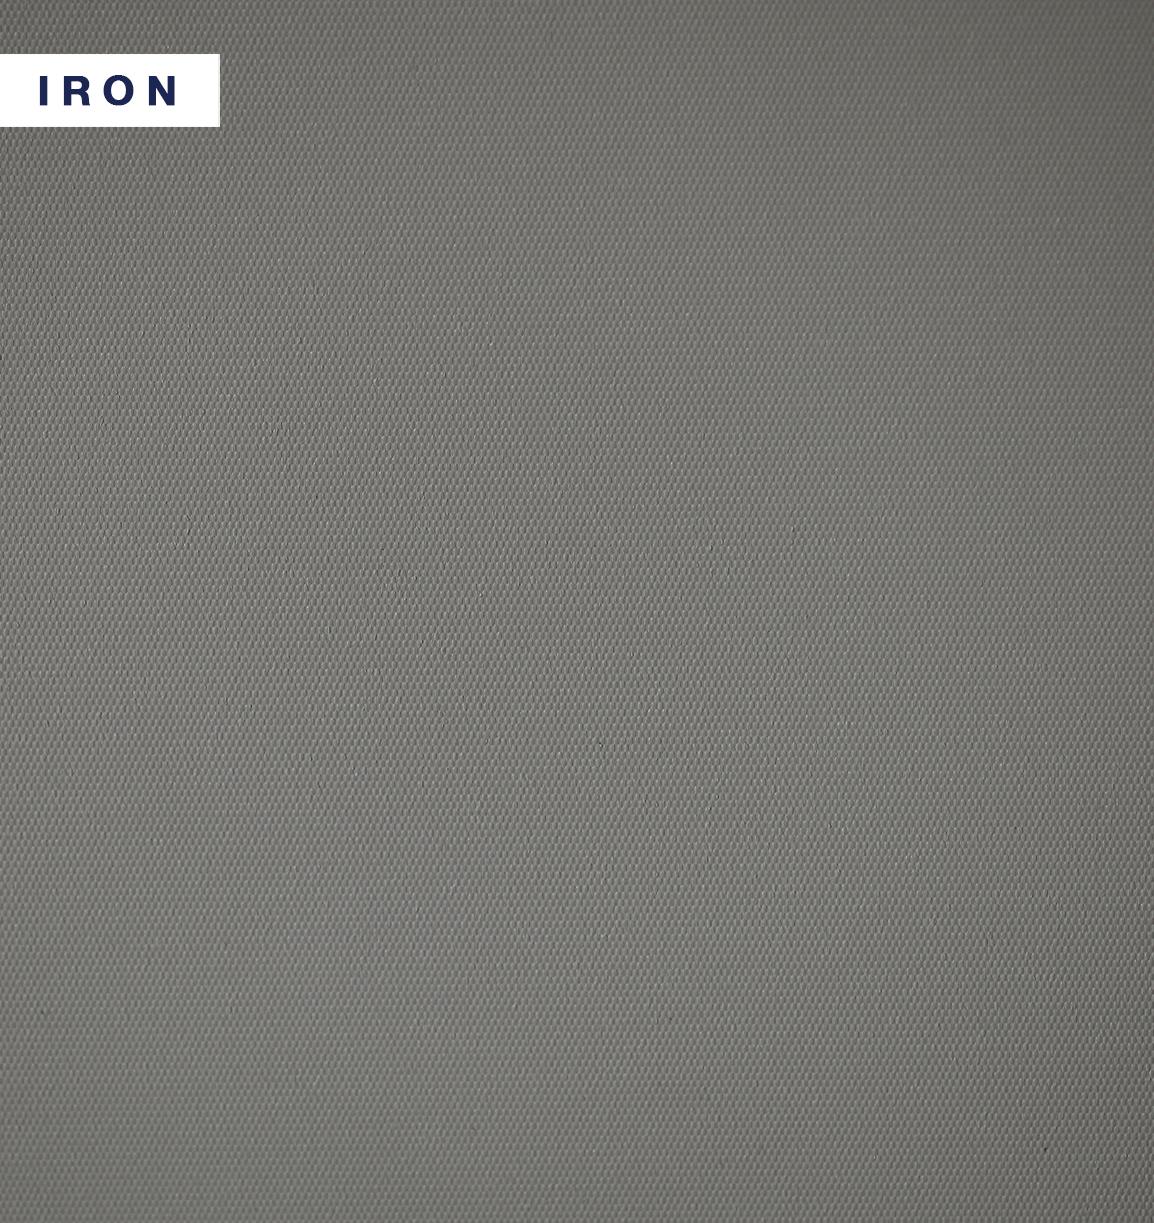 Duo Block - Iron.jpg